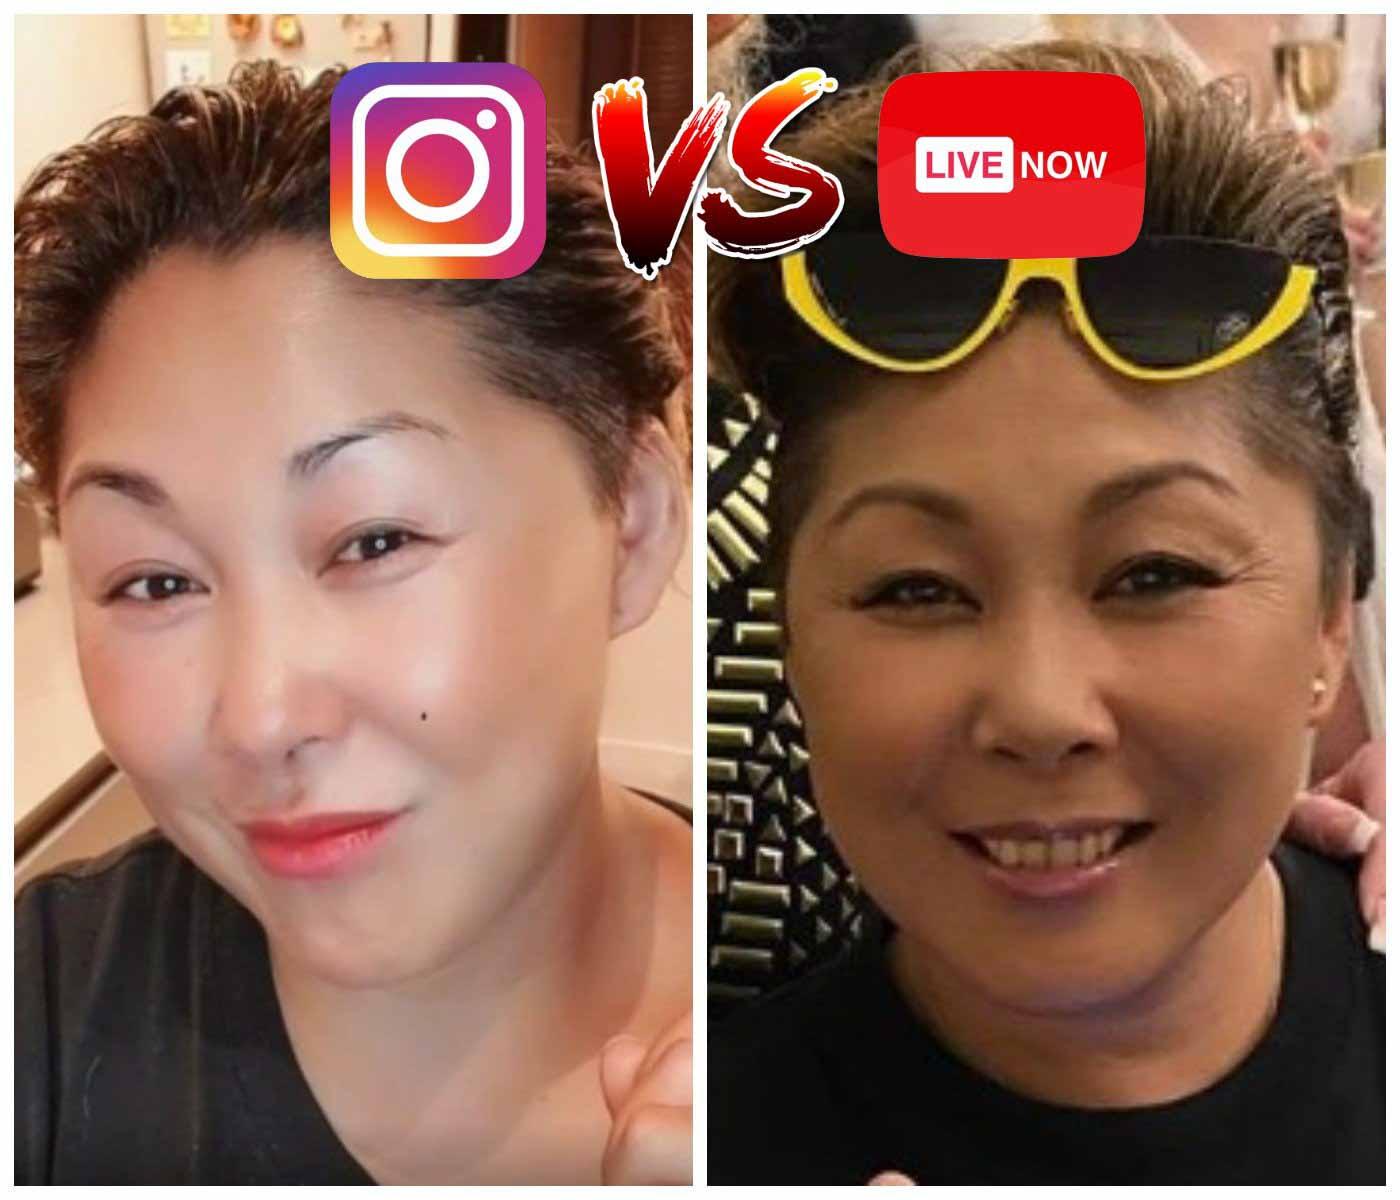 Морщины и «потрескавшиеся» ... Анита Цой скрывает старение с абсурдным фотошопом